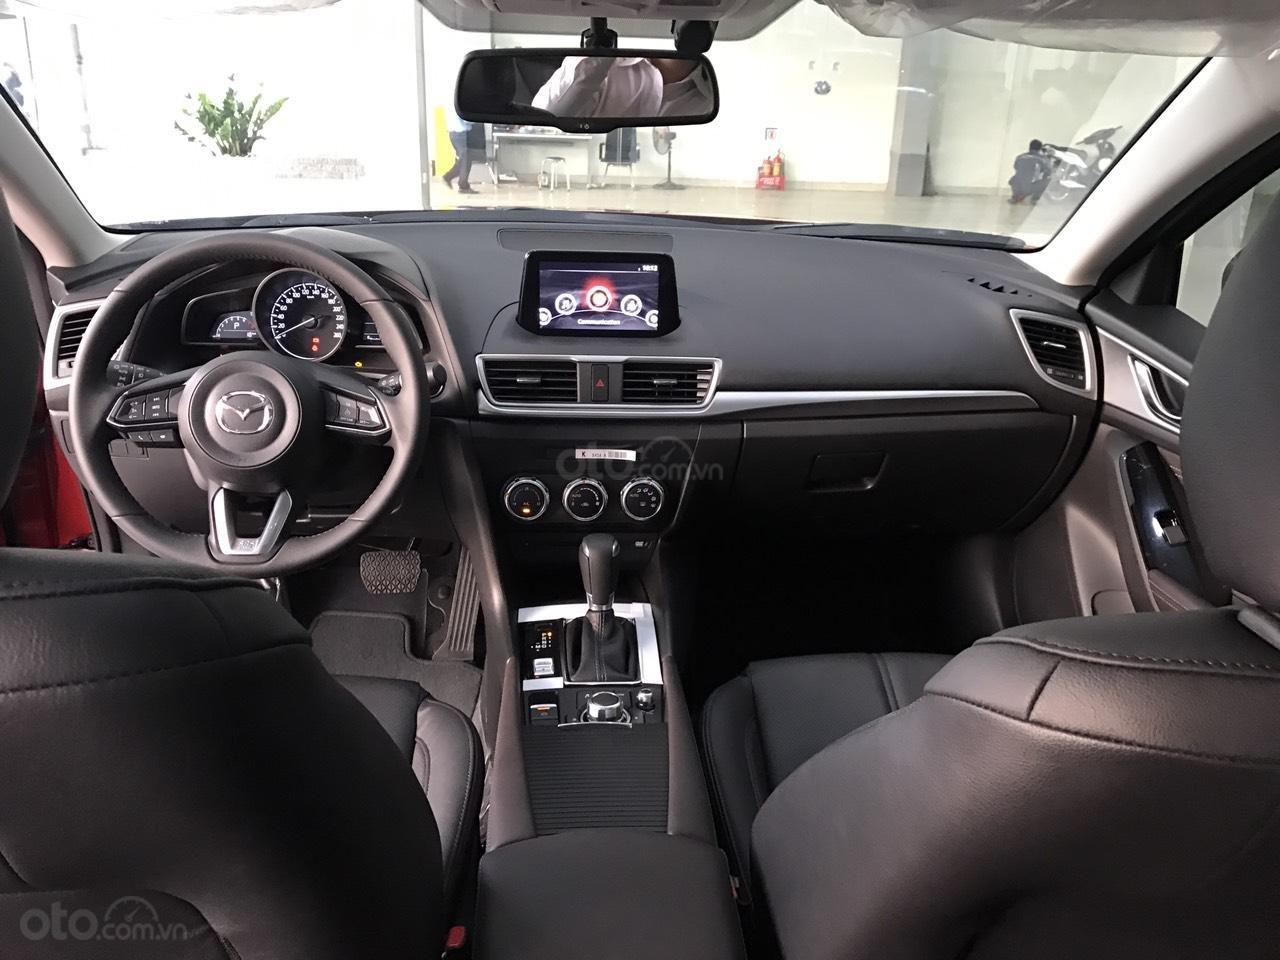 Bán Mazda 3 giảm sâu nhất xả kho ưu đãi>70tr, BHVC, tặng full phụ kiện, LS 0.58%, đăng kí xe miễn phí, LH 0964860634 (5)